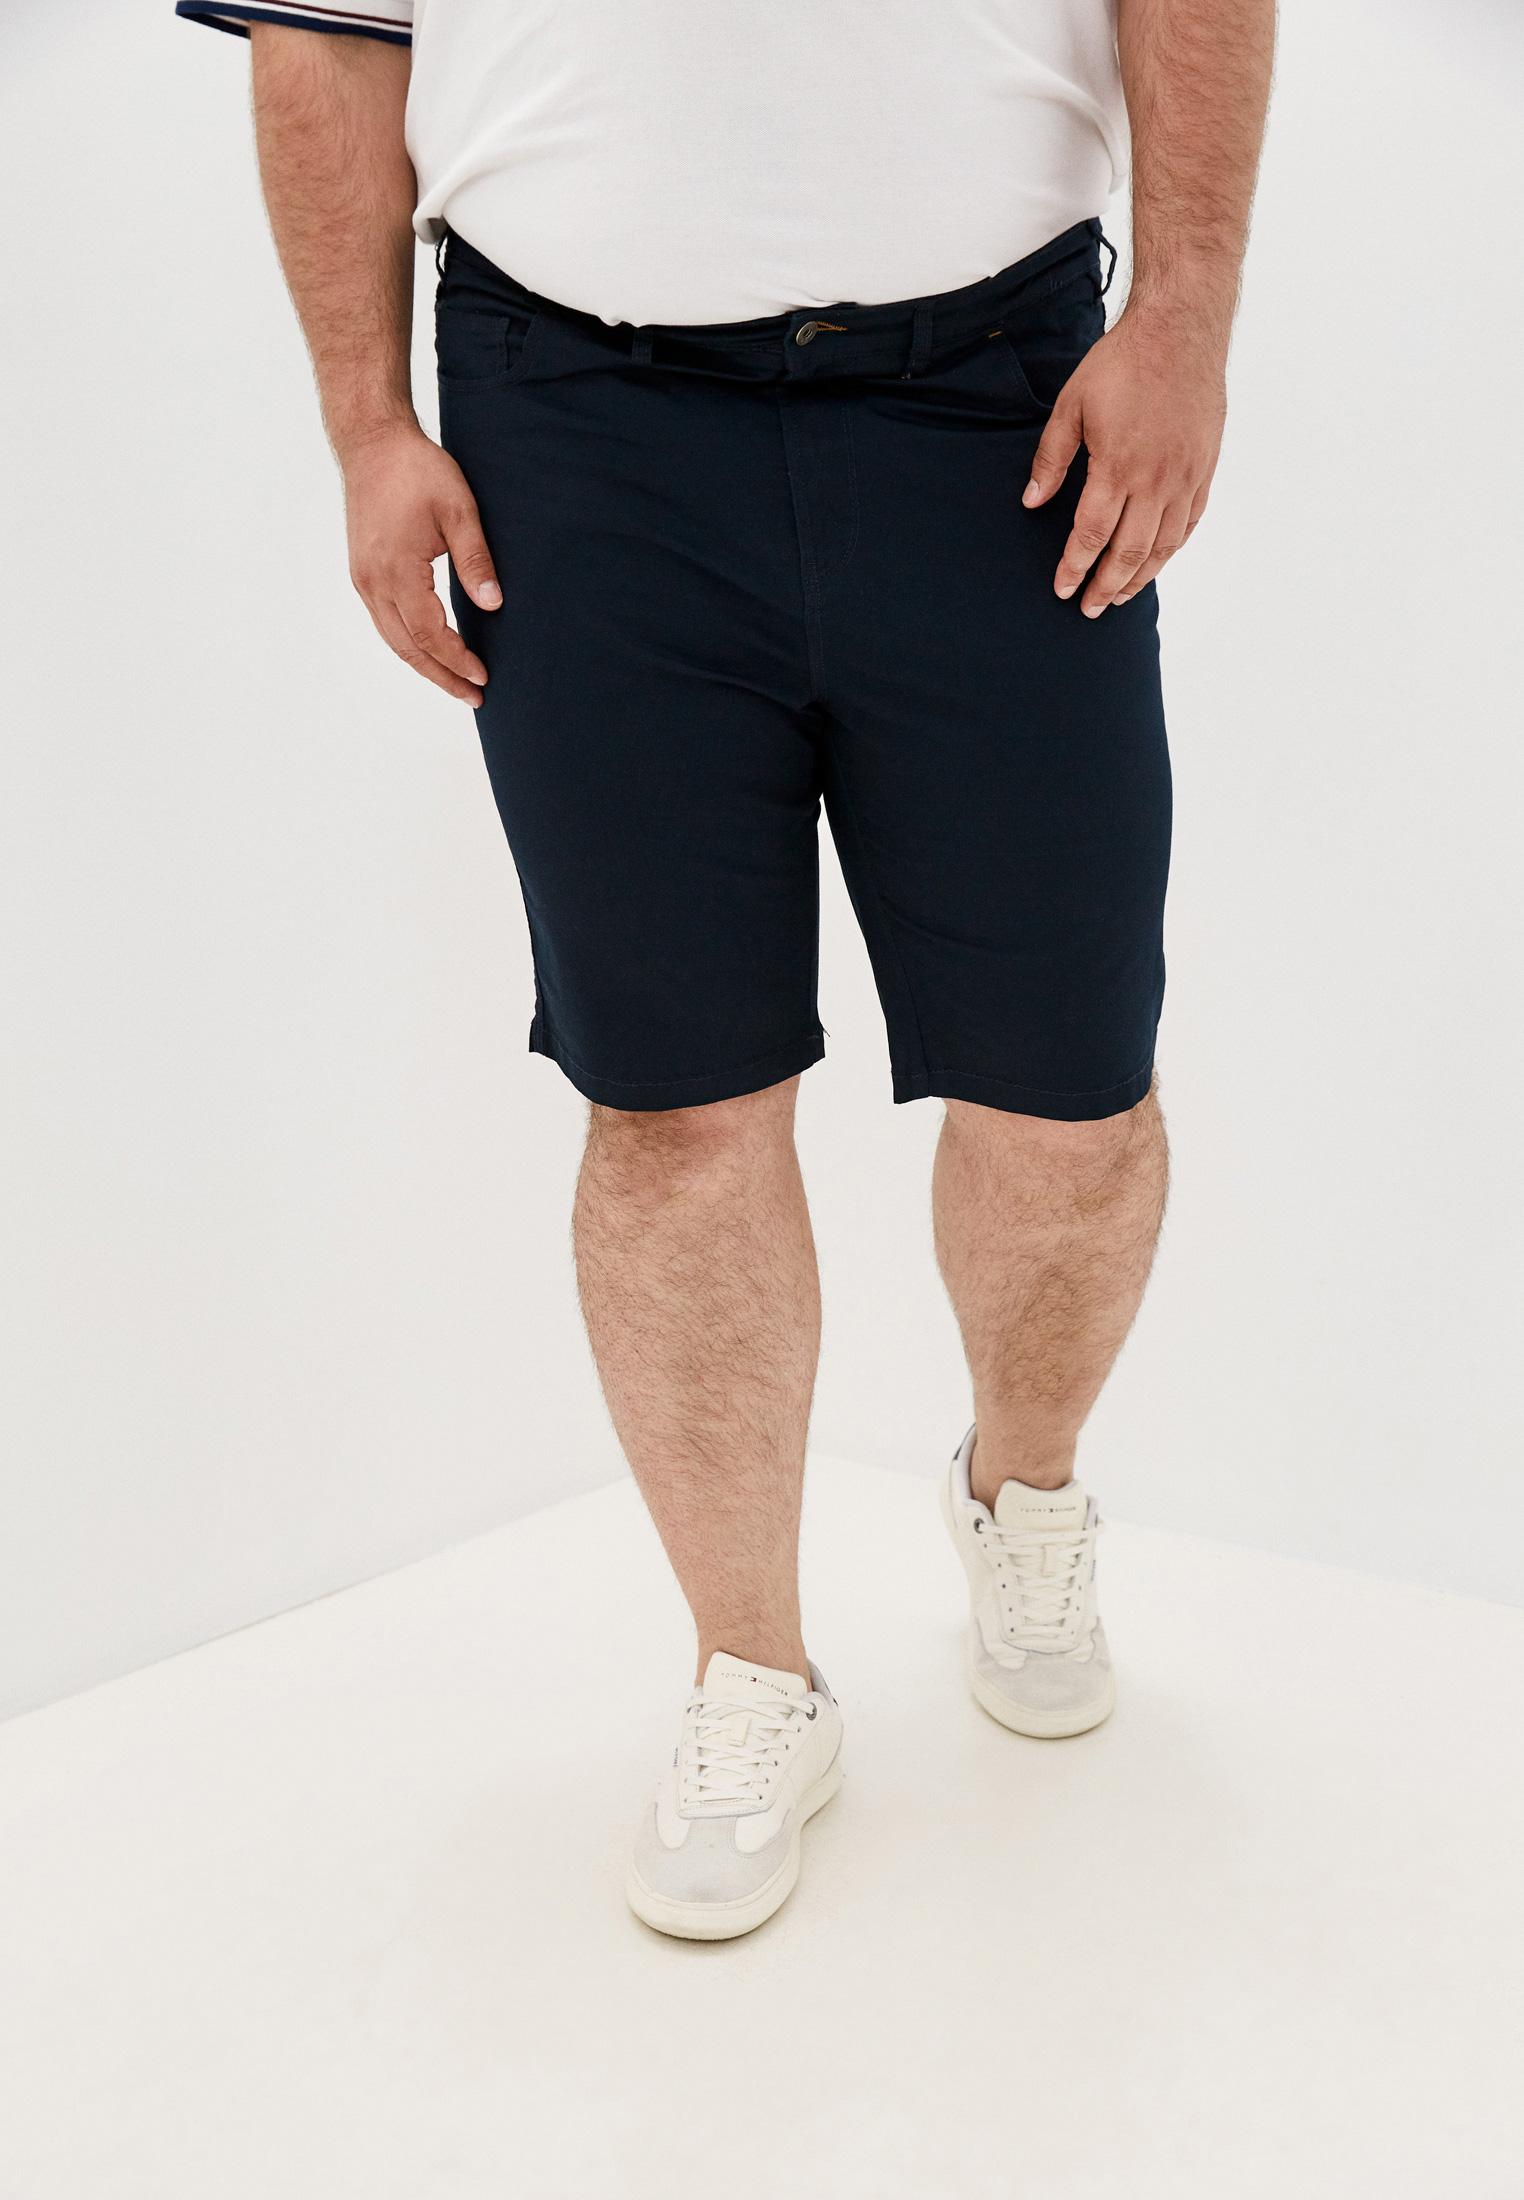 Мужские повседневные шорты Maxfort Шорты Maxfort